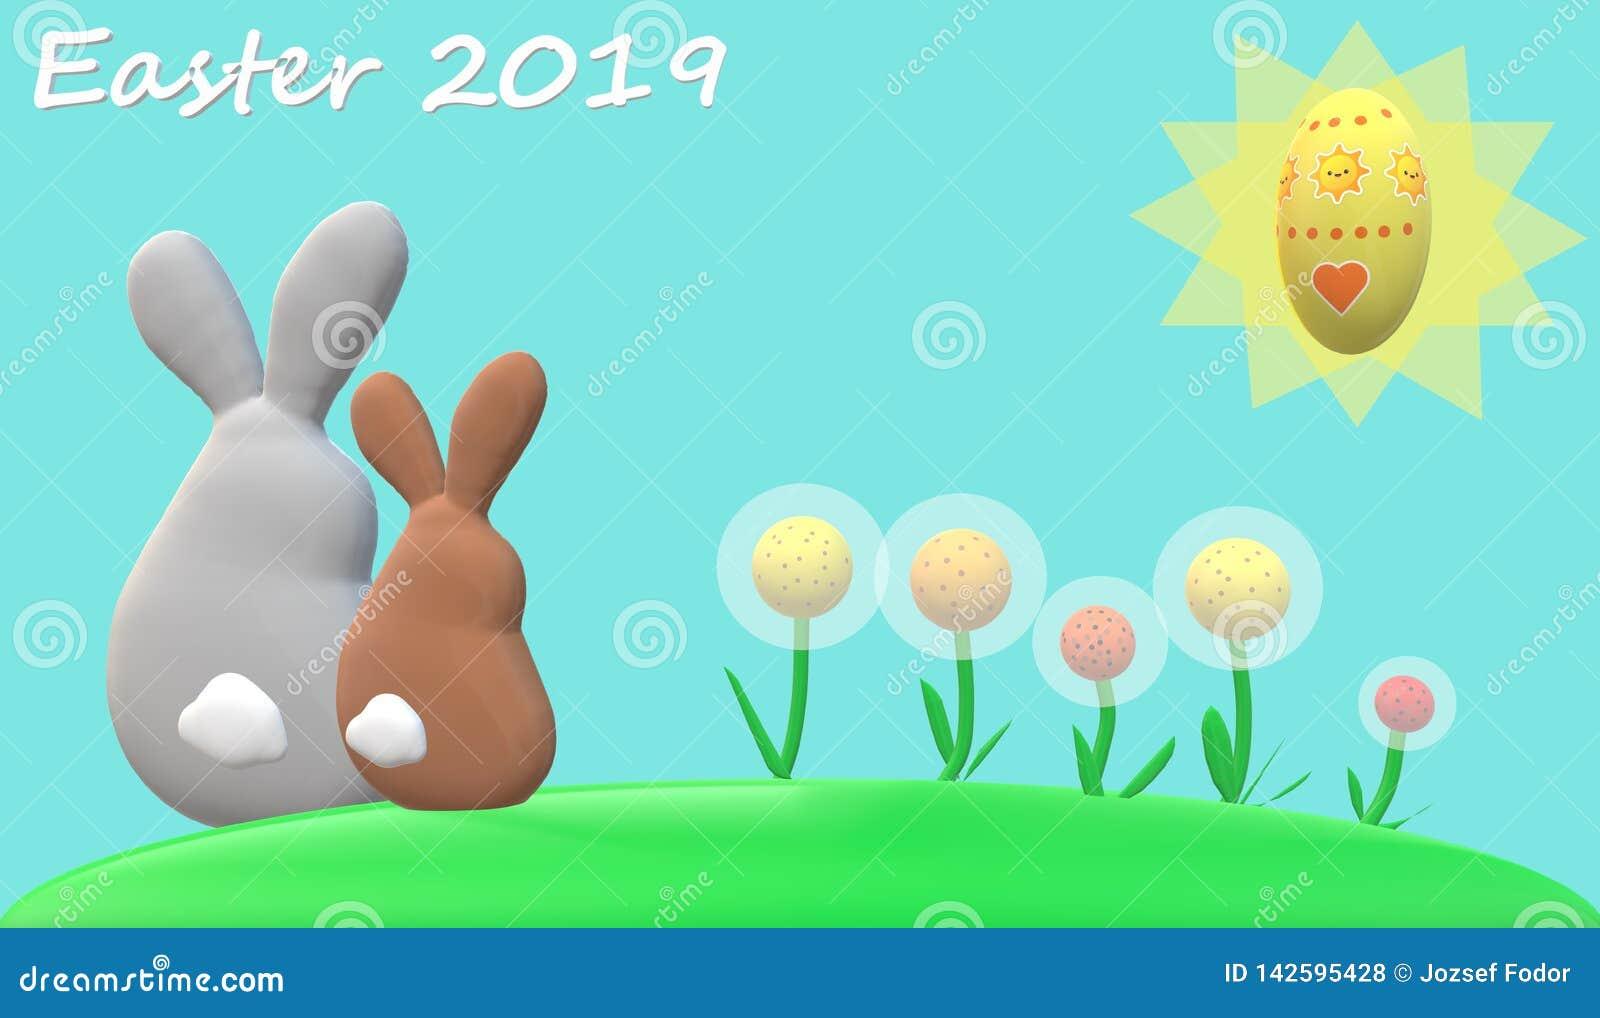 Conejos de Pascua, flores, sol, huevo de Pascua con el fondo azul claro y subtítulo de 'pascua 2019 '